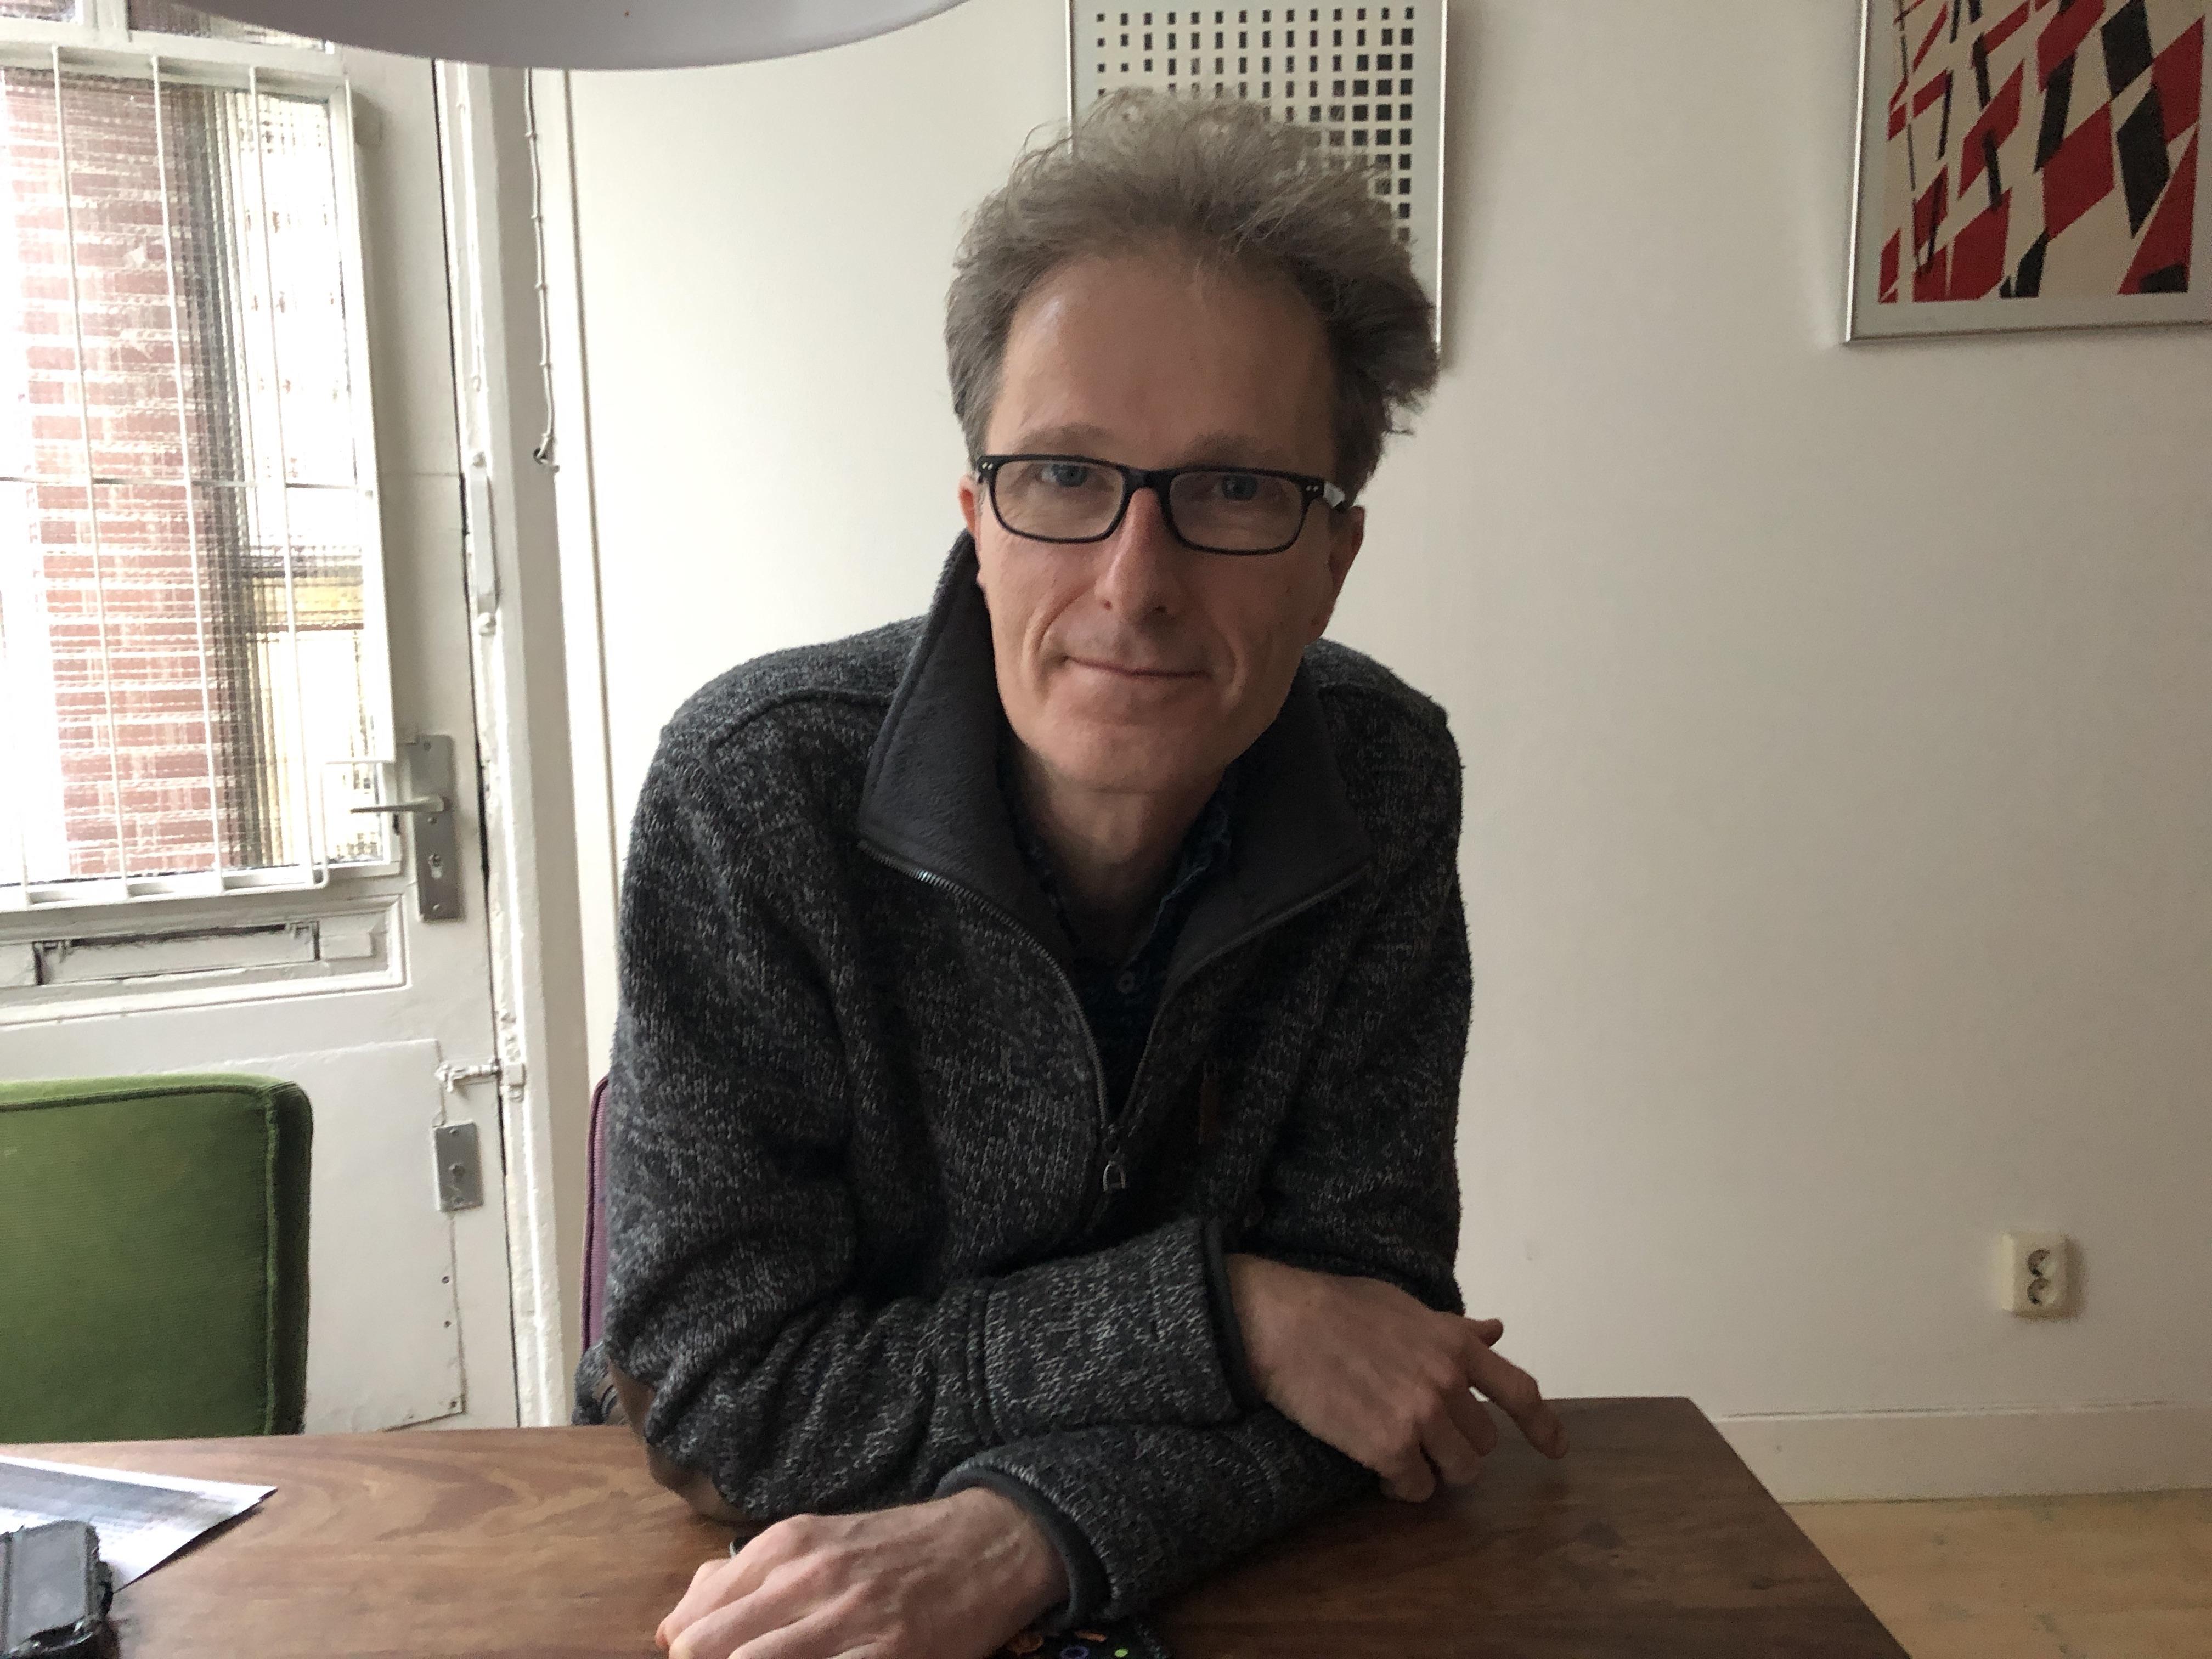 Mark Mieras